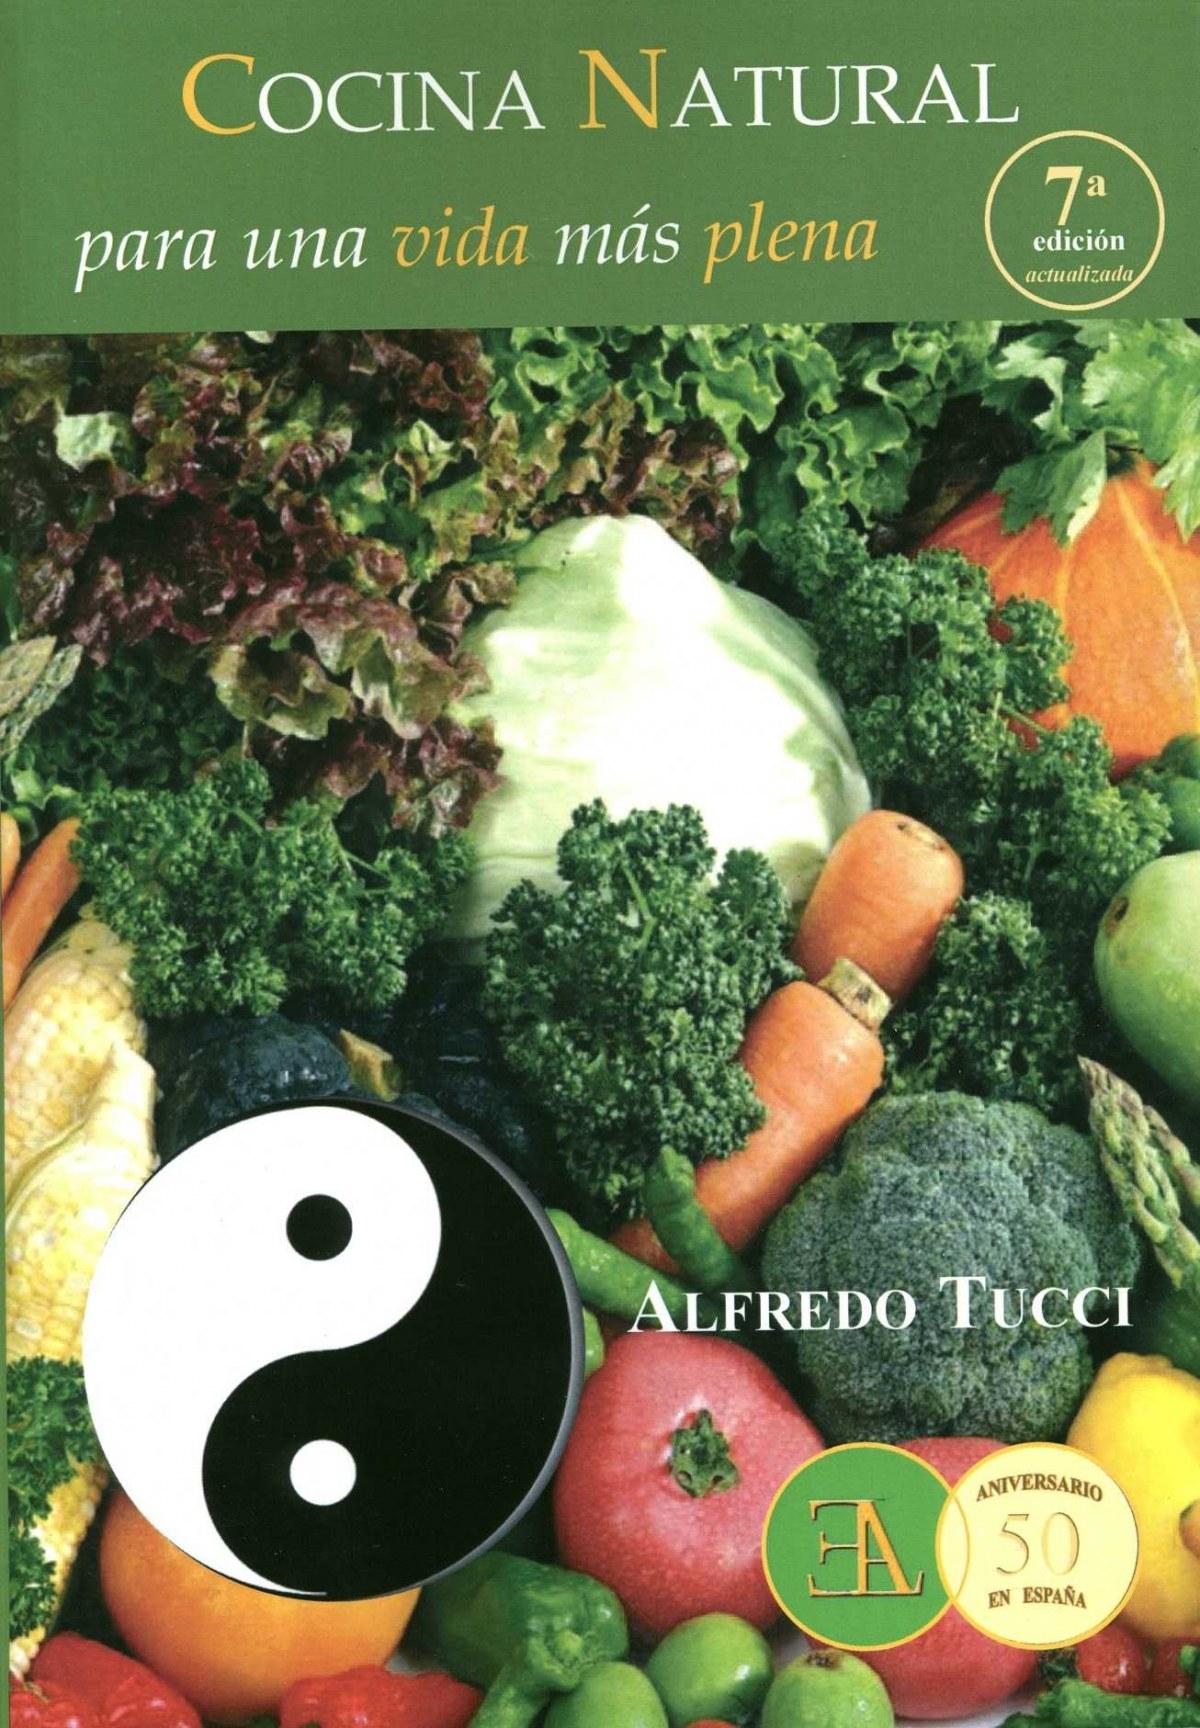 Cocina natural para una vida más plena 9788499501369